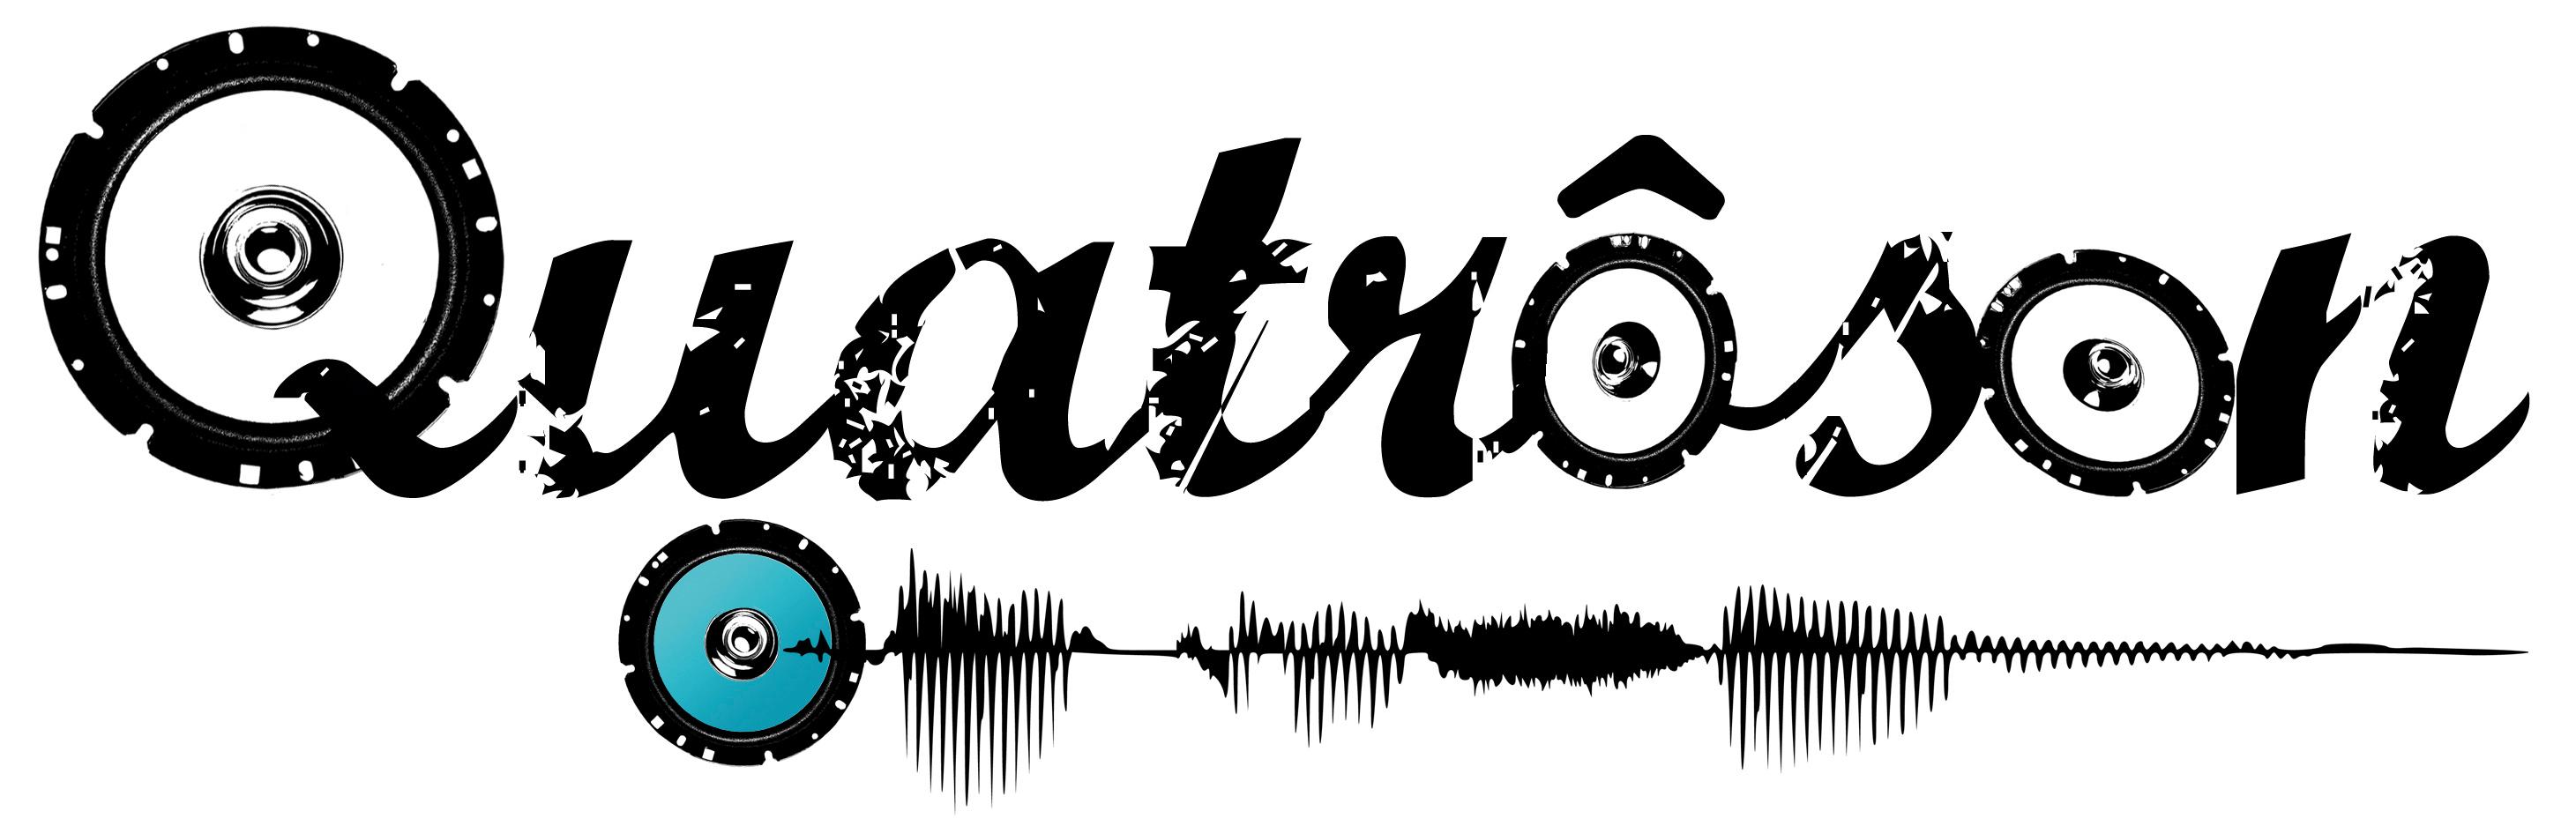 Quatroson-